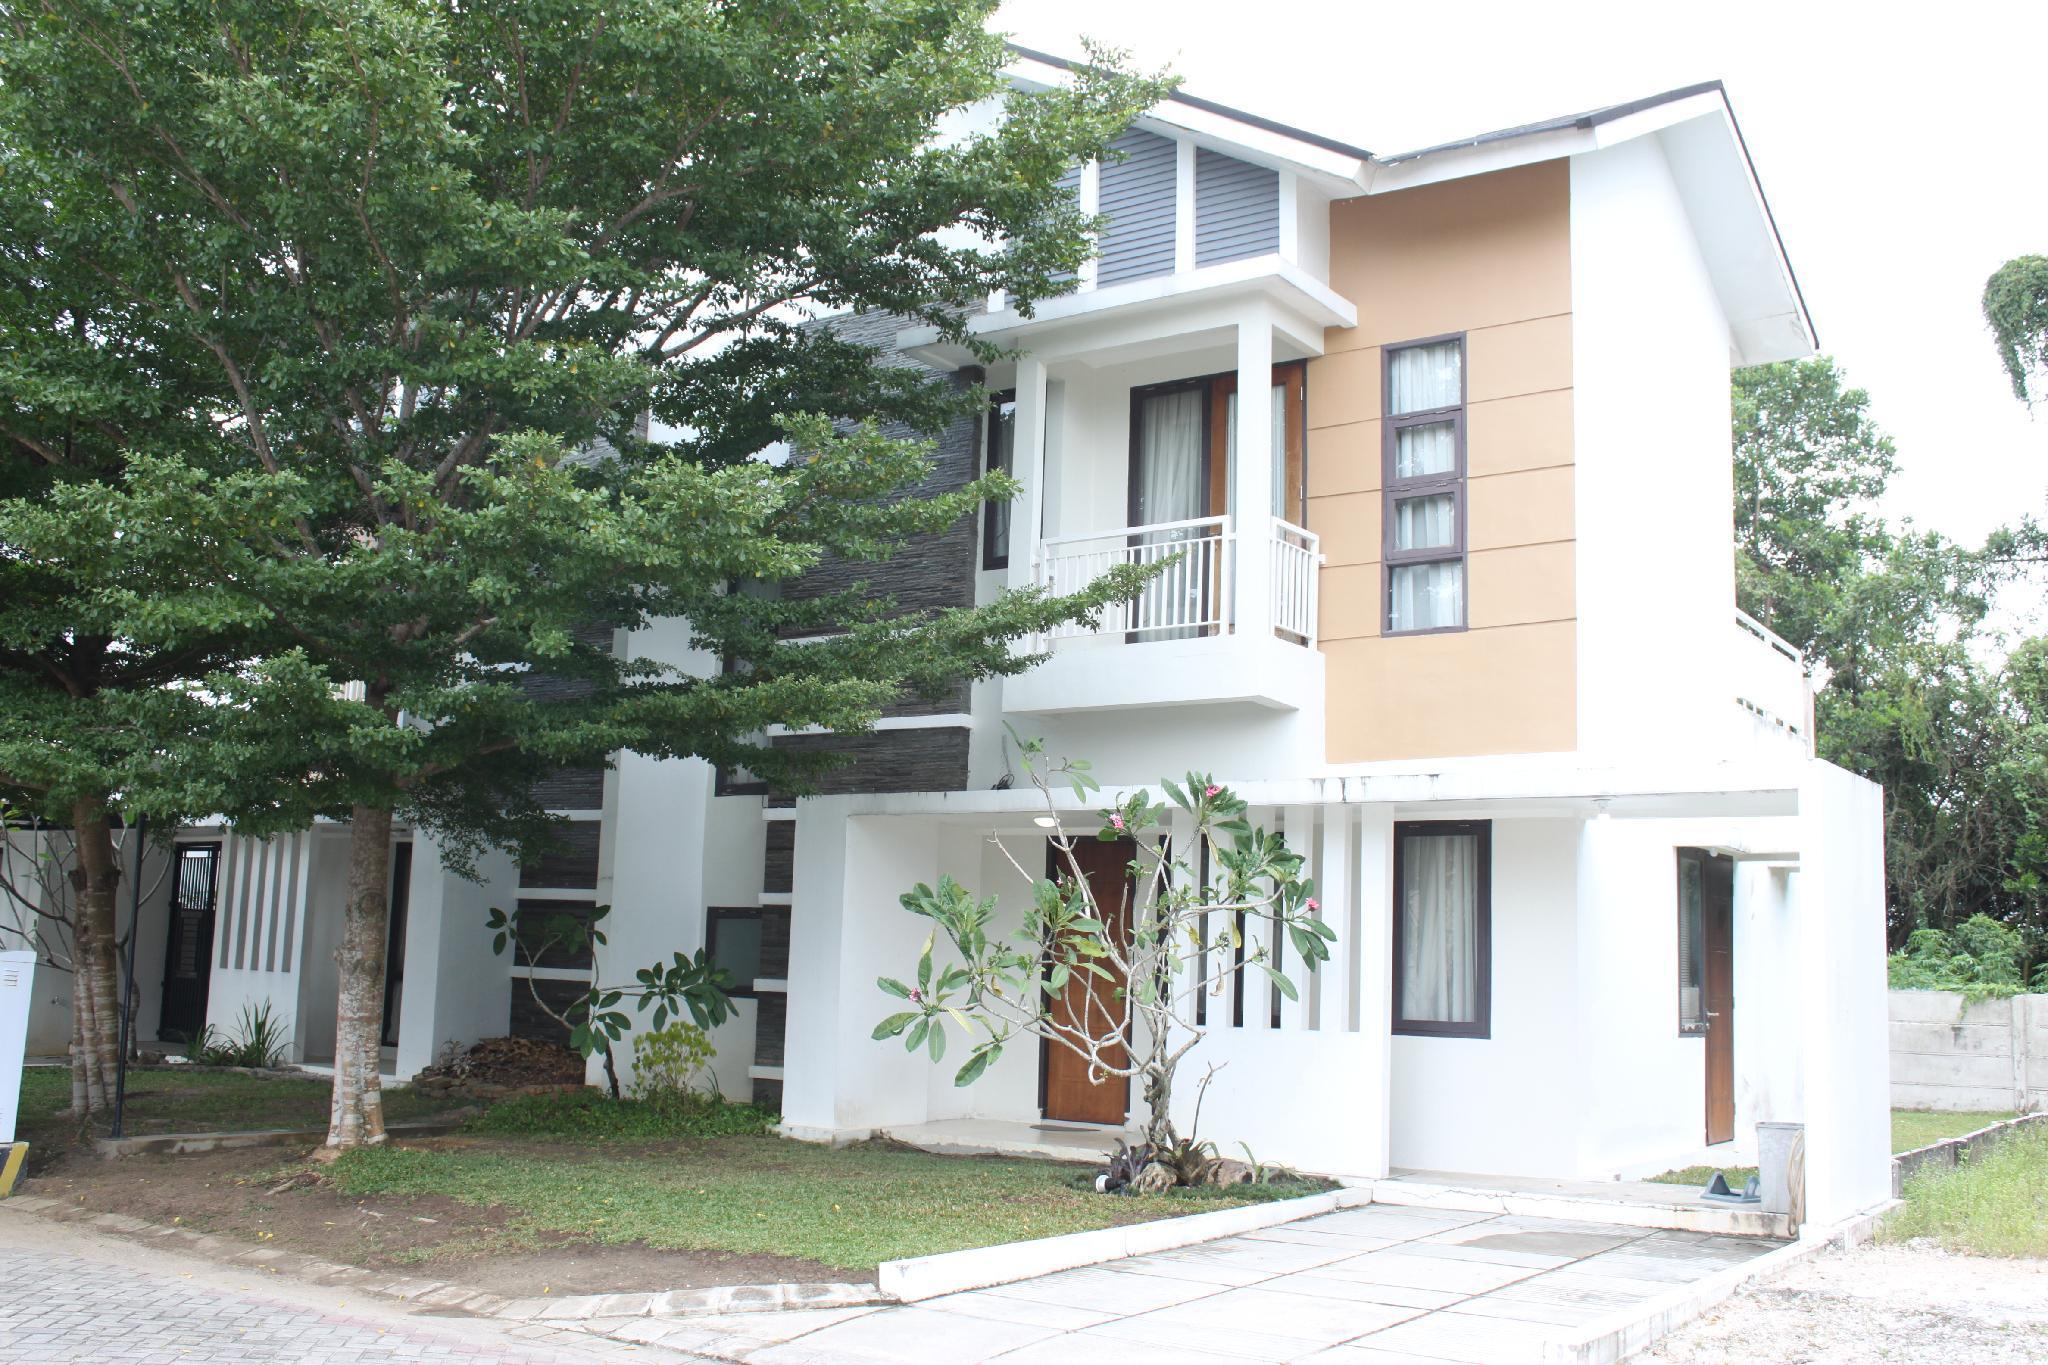 ABODE HOMES - Yuliyun Place 5 mins Pusat Kota, Pekanbaru